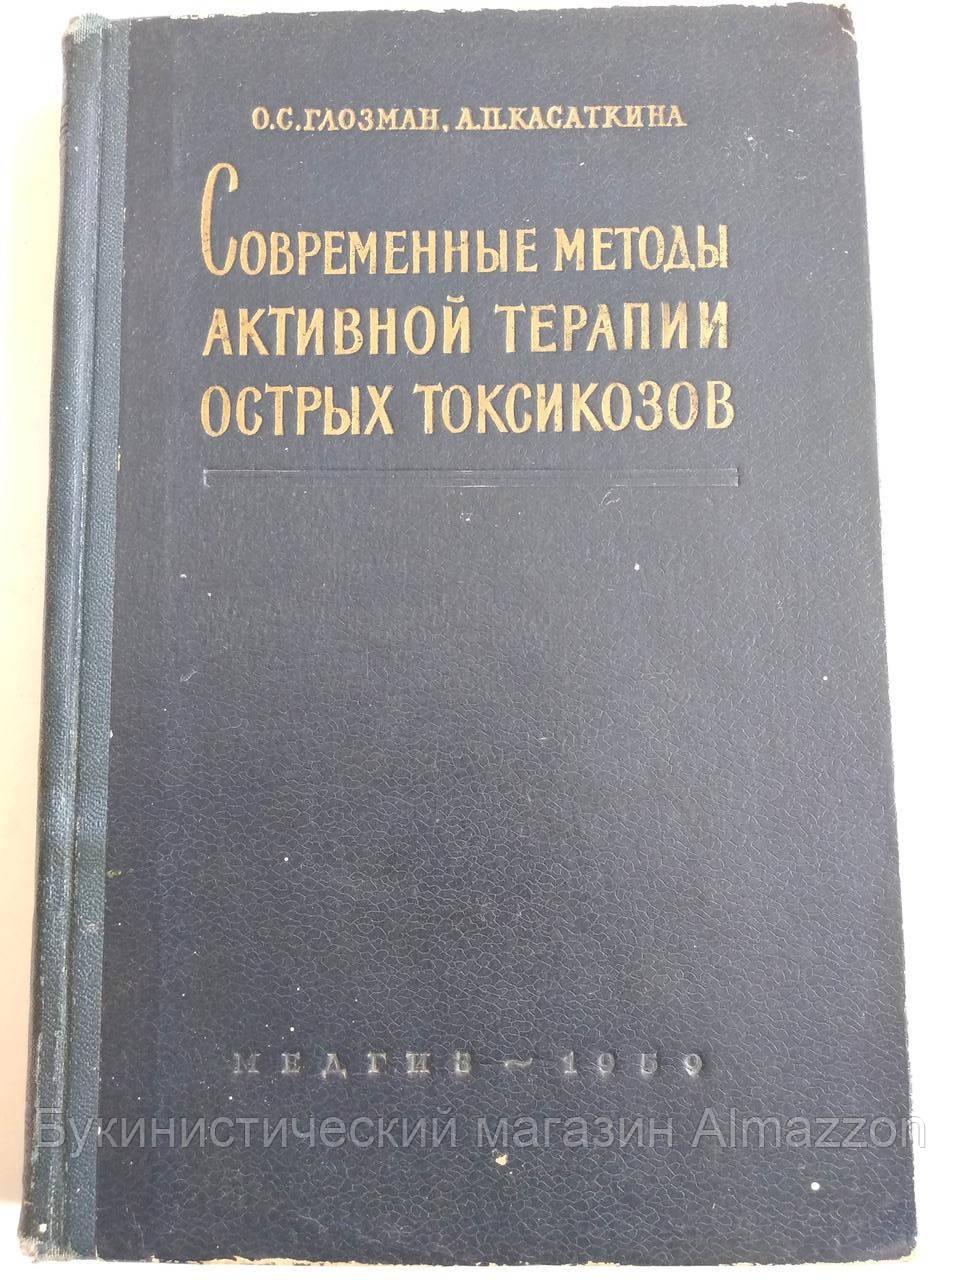 Современные методы активной терапии острых токсикозов О.Глозман, А.Касаткина Медгиз 1959 год